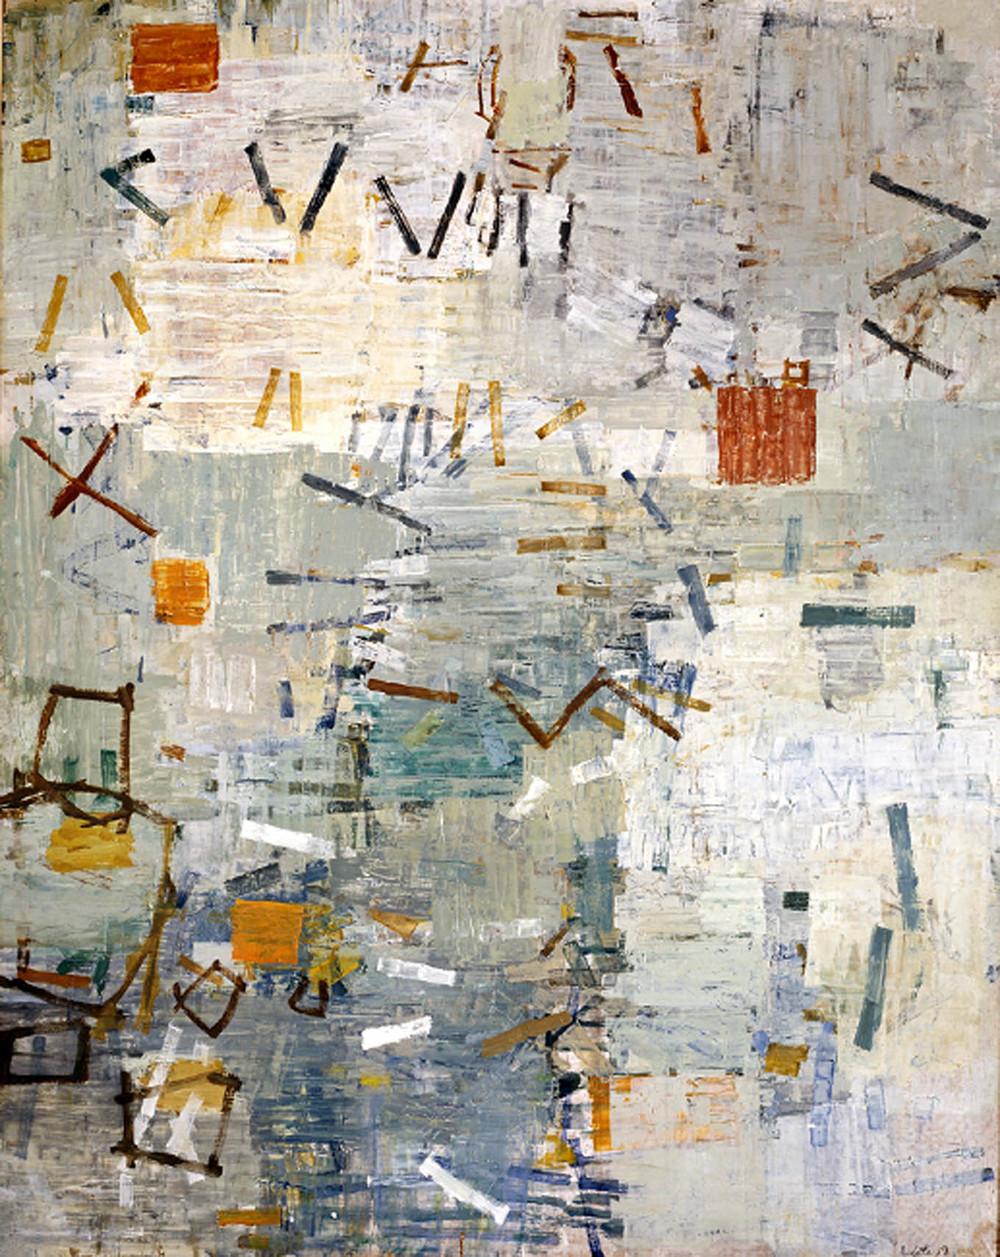 Il miracolo 1957-1958,oil on (composition board)(159.6 x 127.0 cm) via